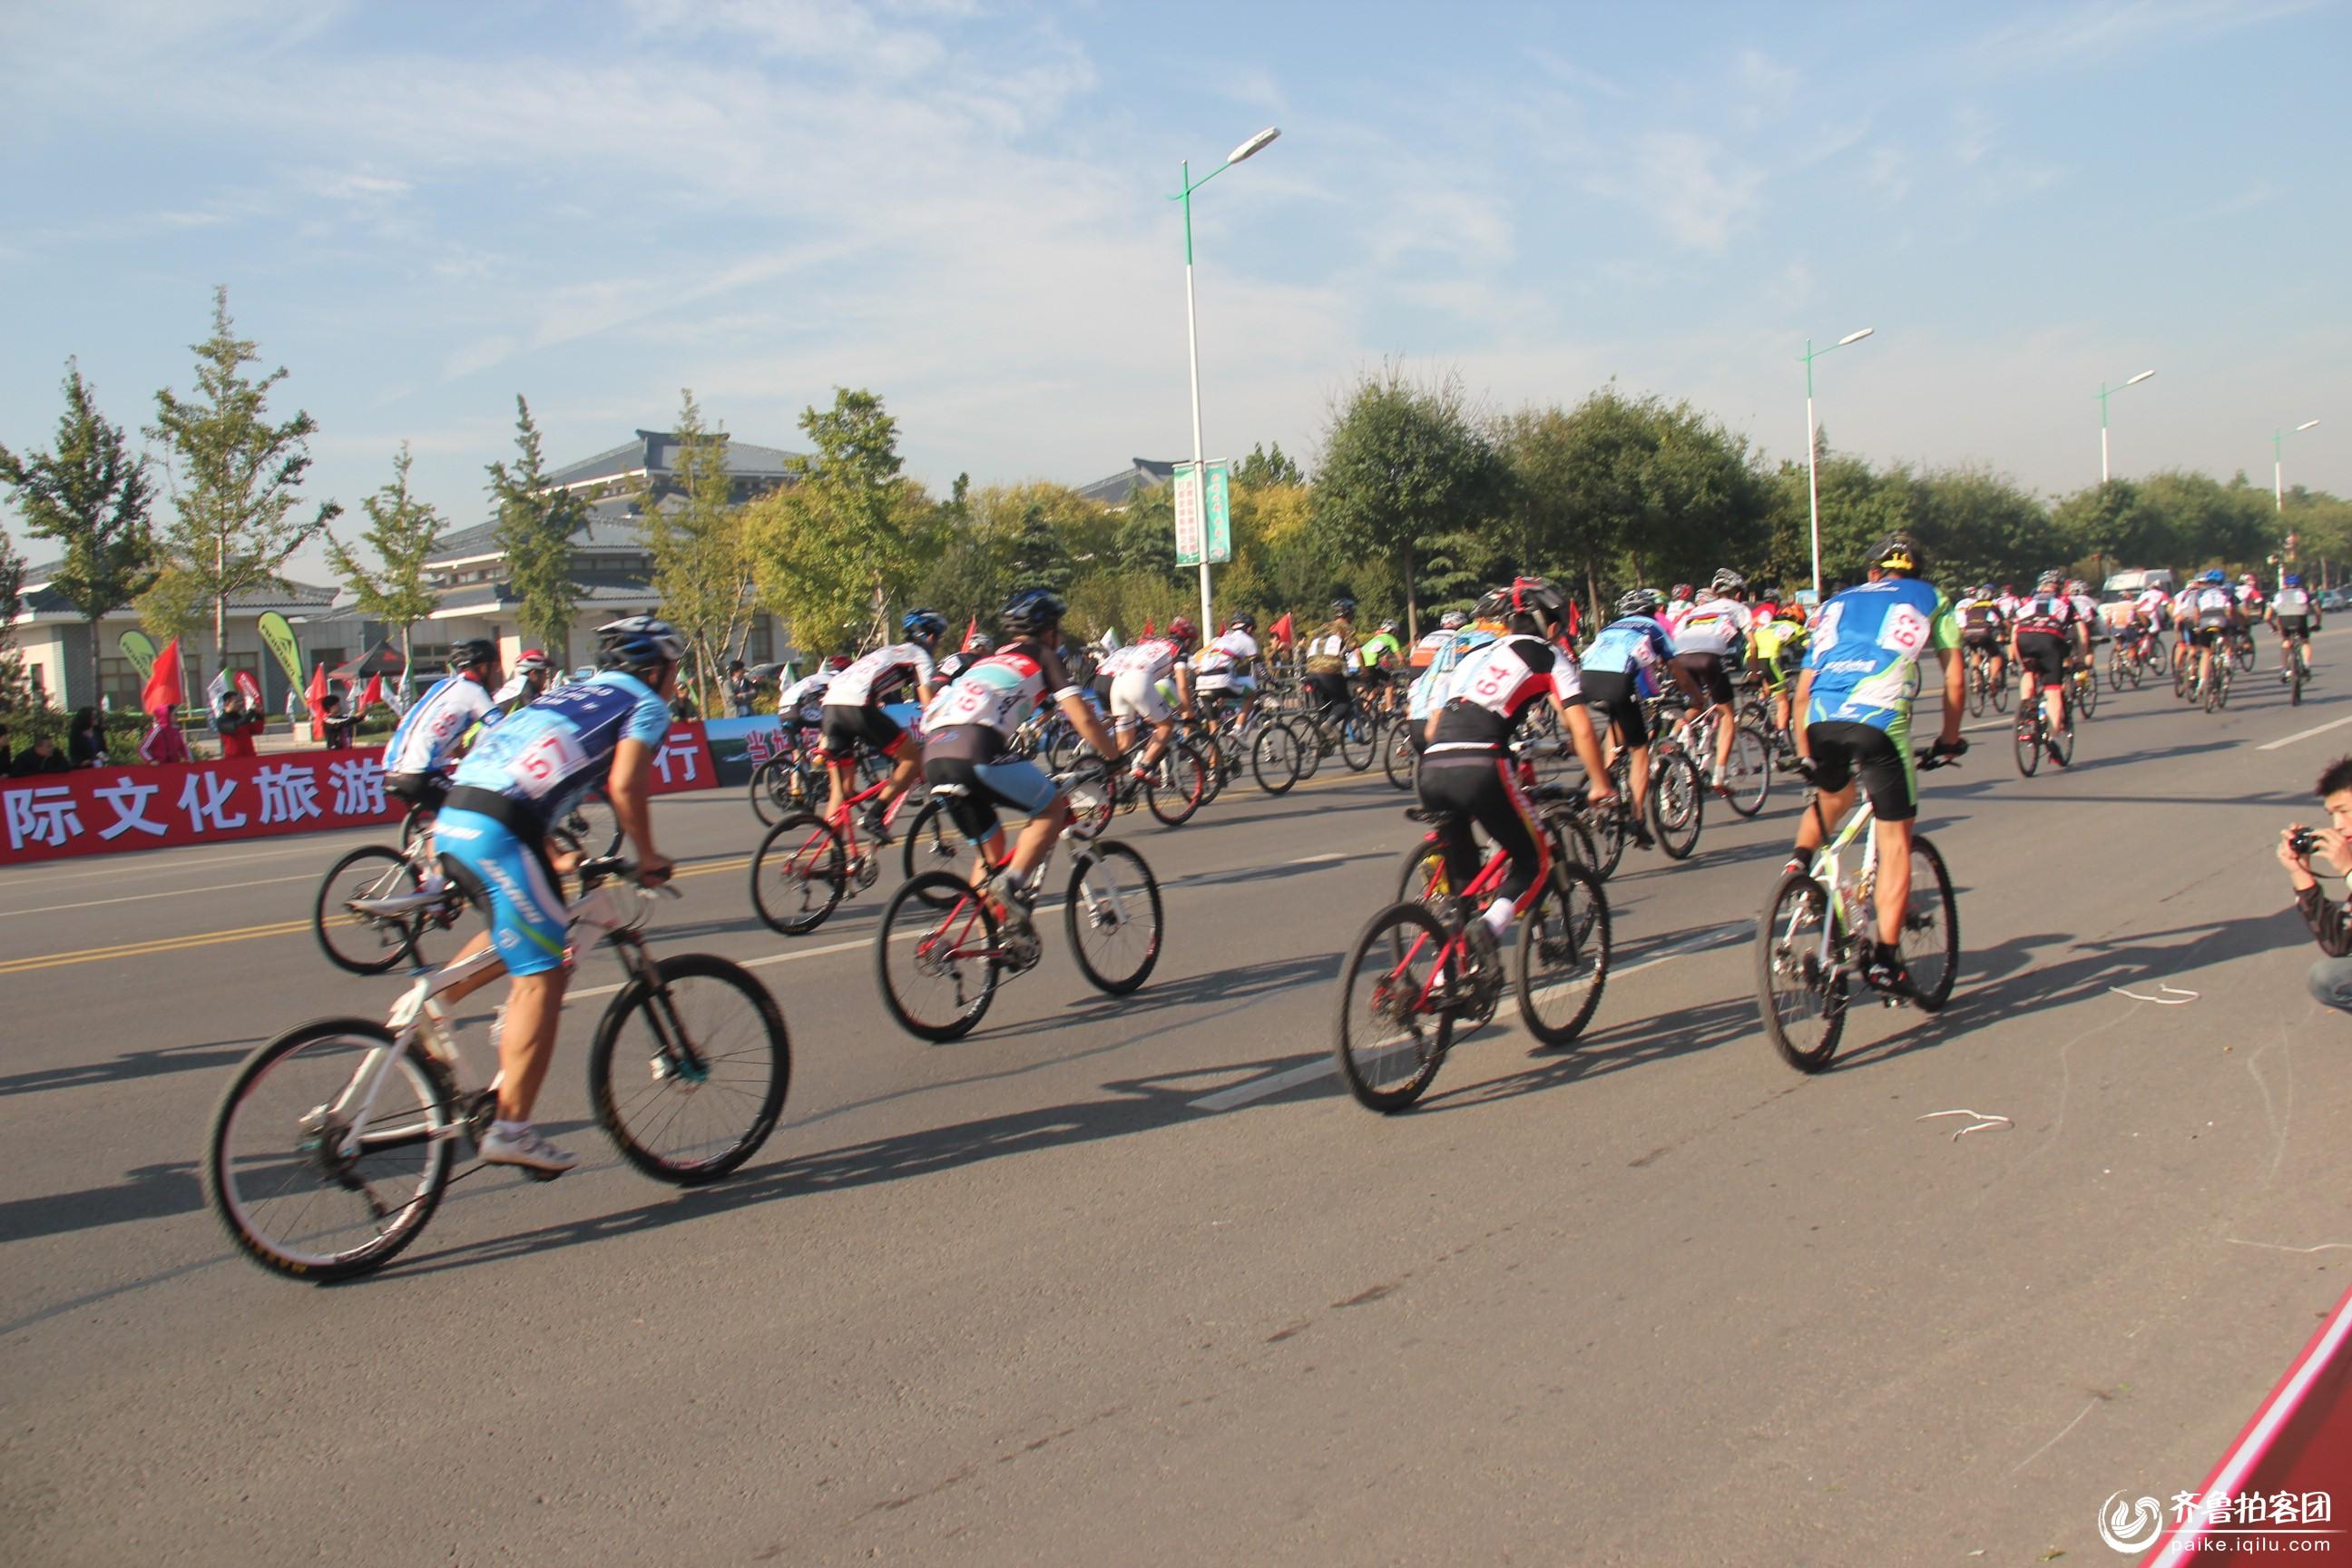 广饶孙子文化旅游节自行车环湖比赛 - 东营拍客